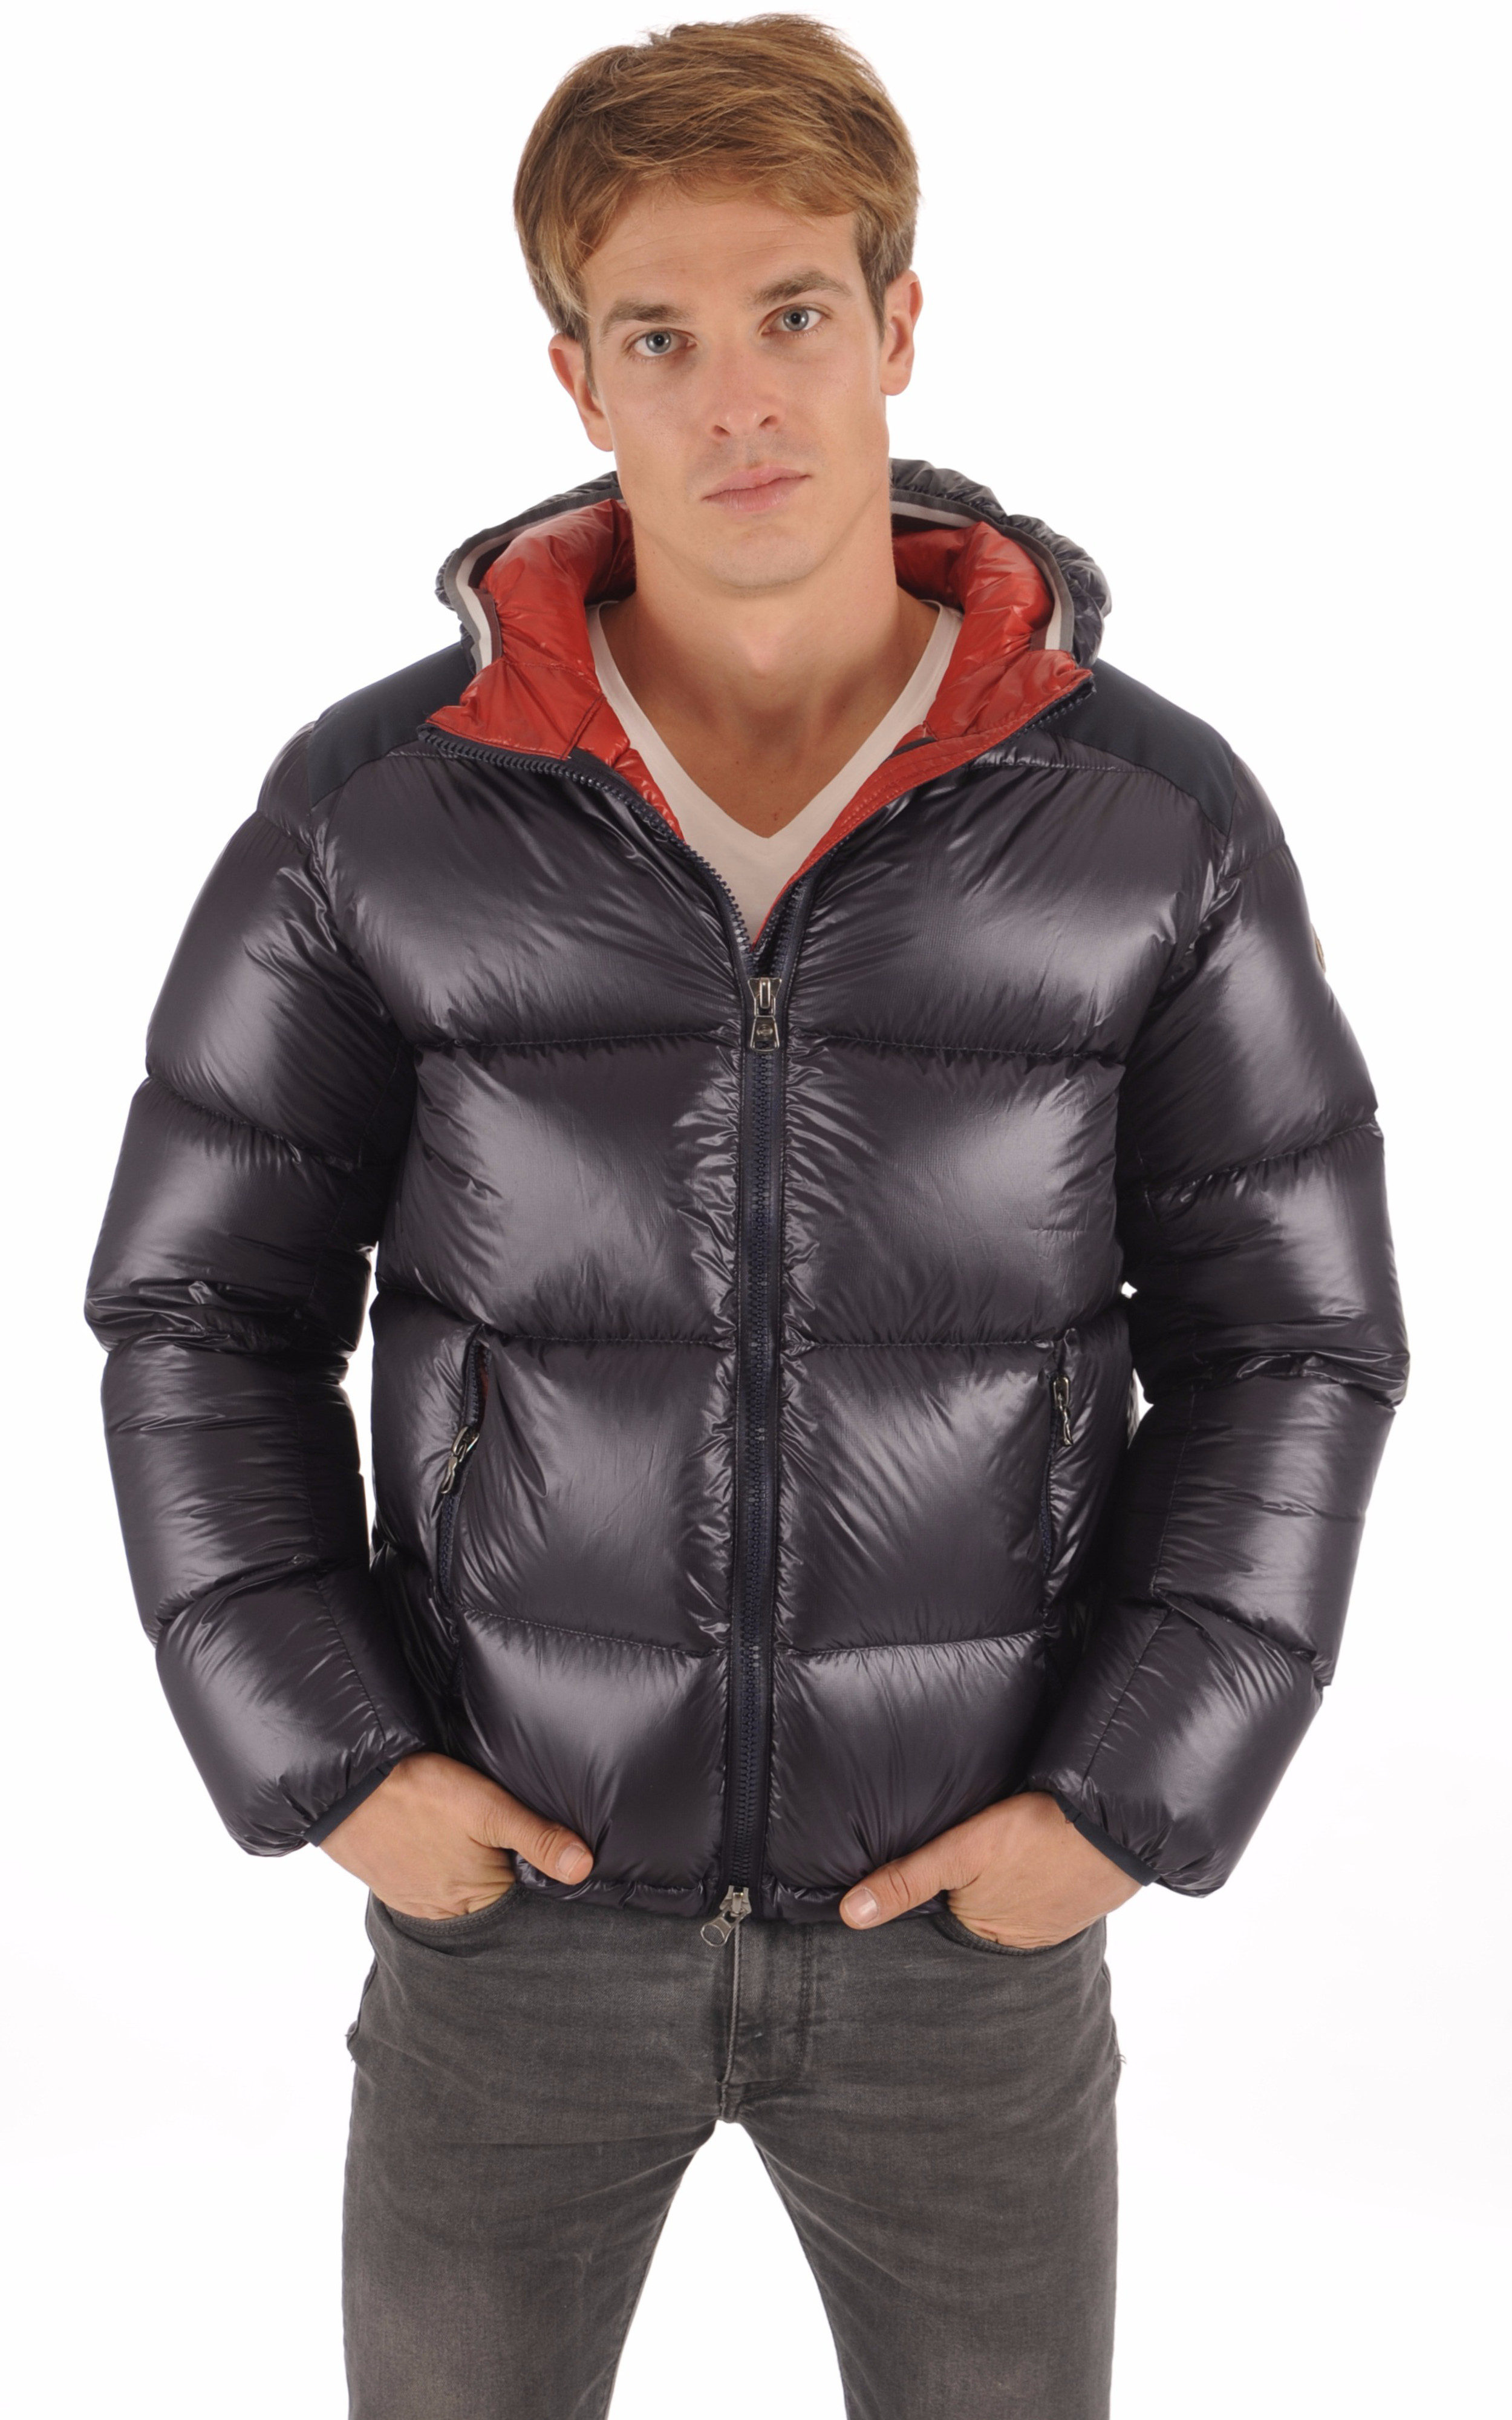 Doudoune 1238 Marine Textile Homme Colmar